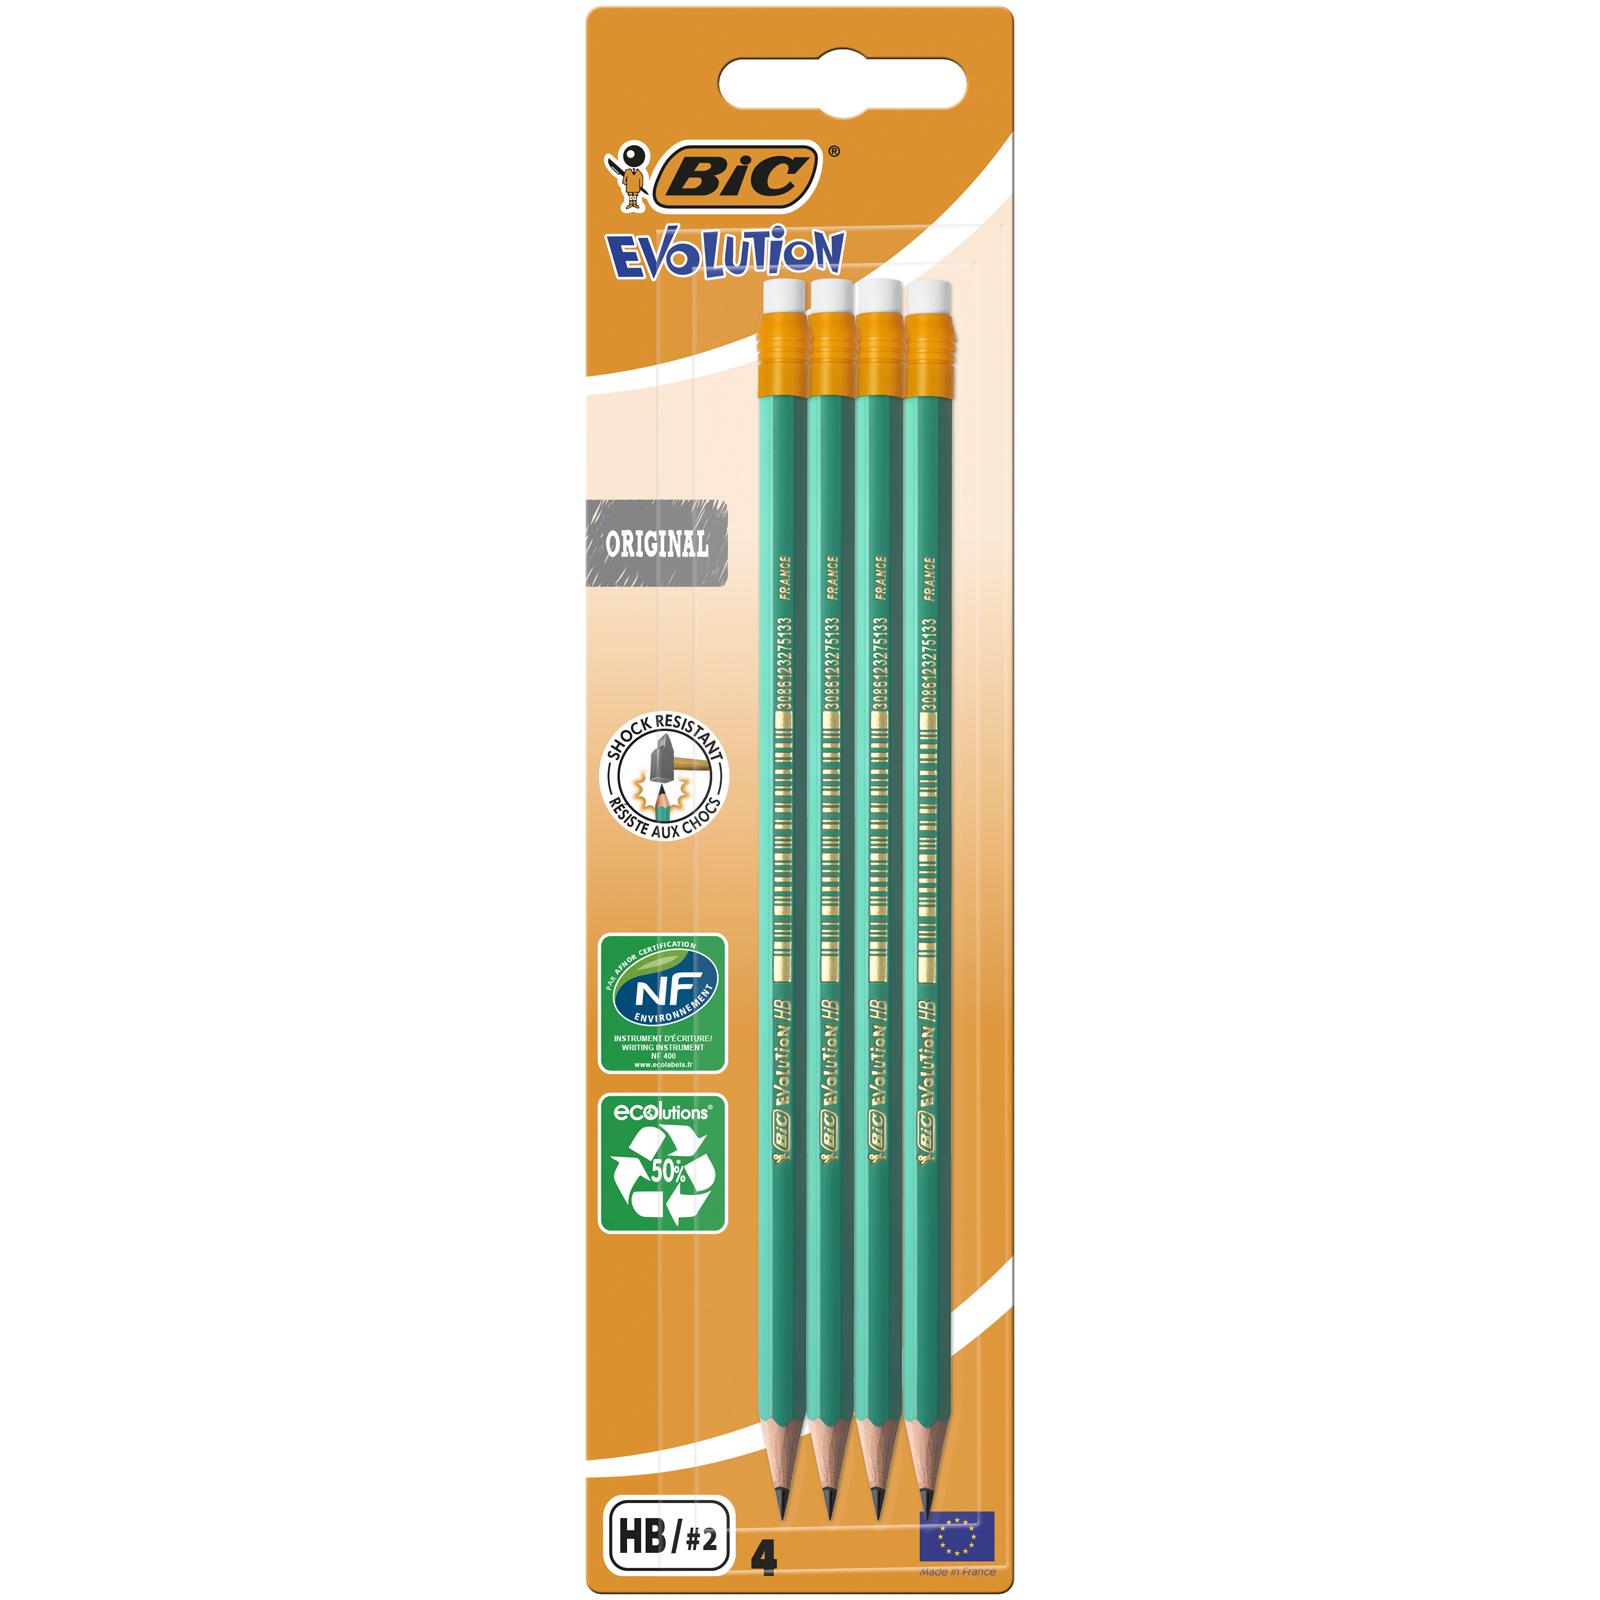 BIC ECOlutions EVOLUTION 655 - Pack de 4 Crayons à papier - HB - embout gomme